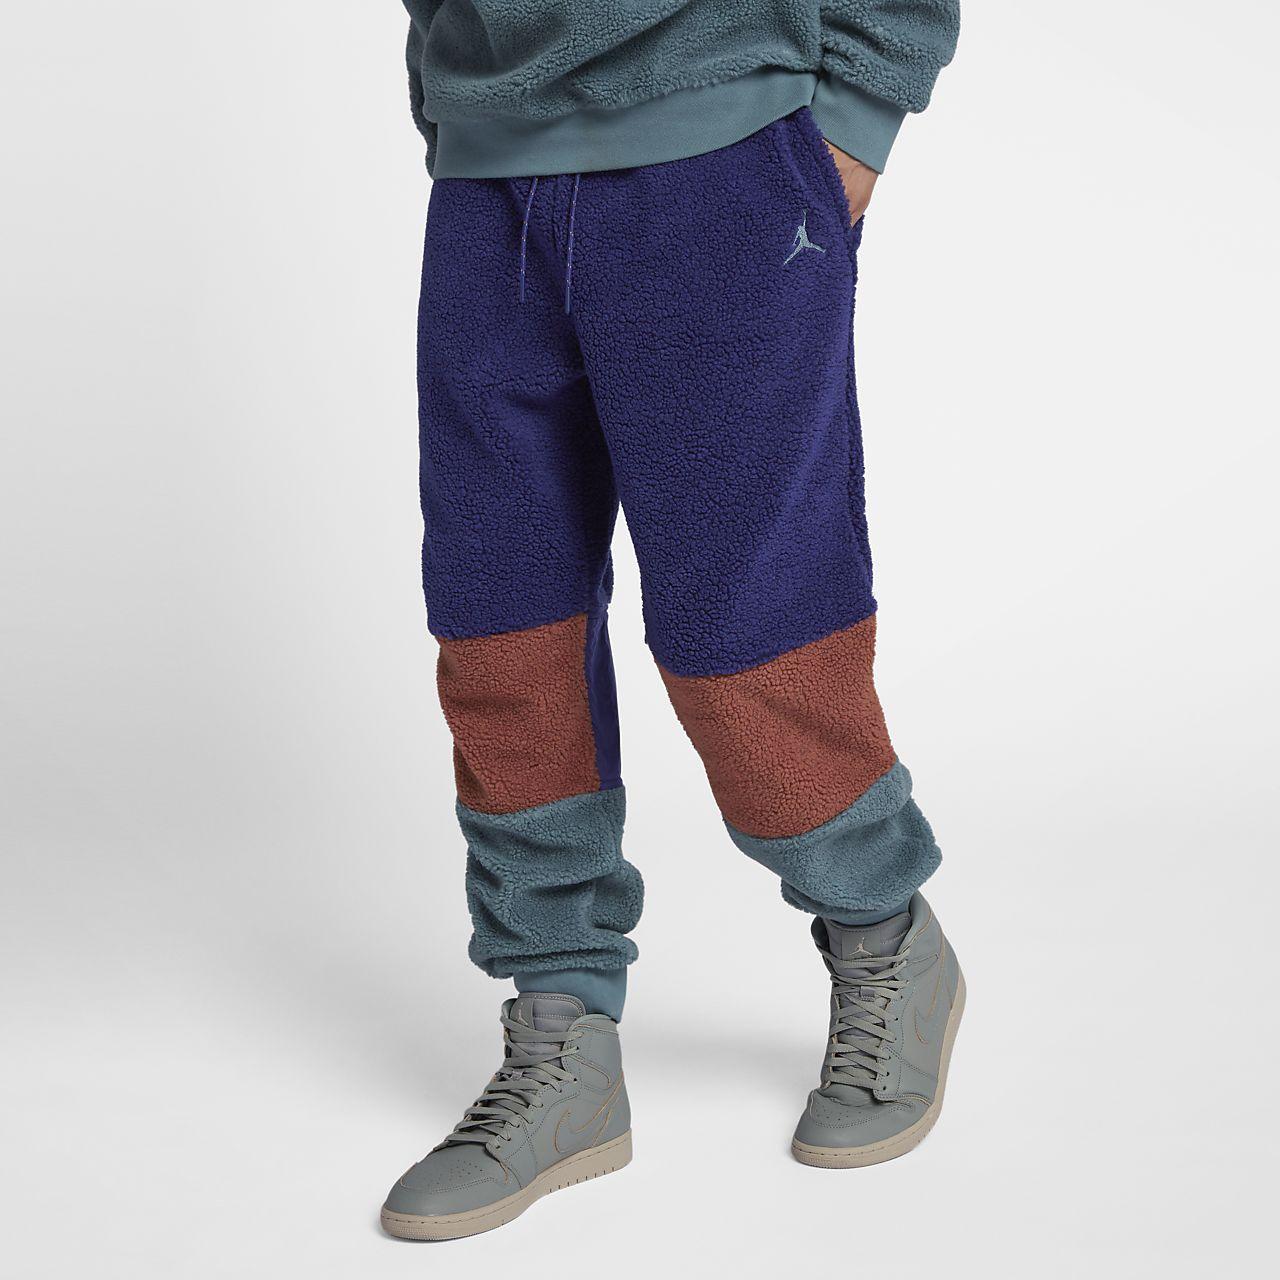 Jordan Sportswear Men's Sherpa Pants